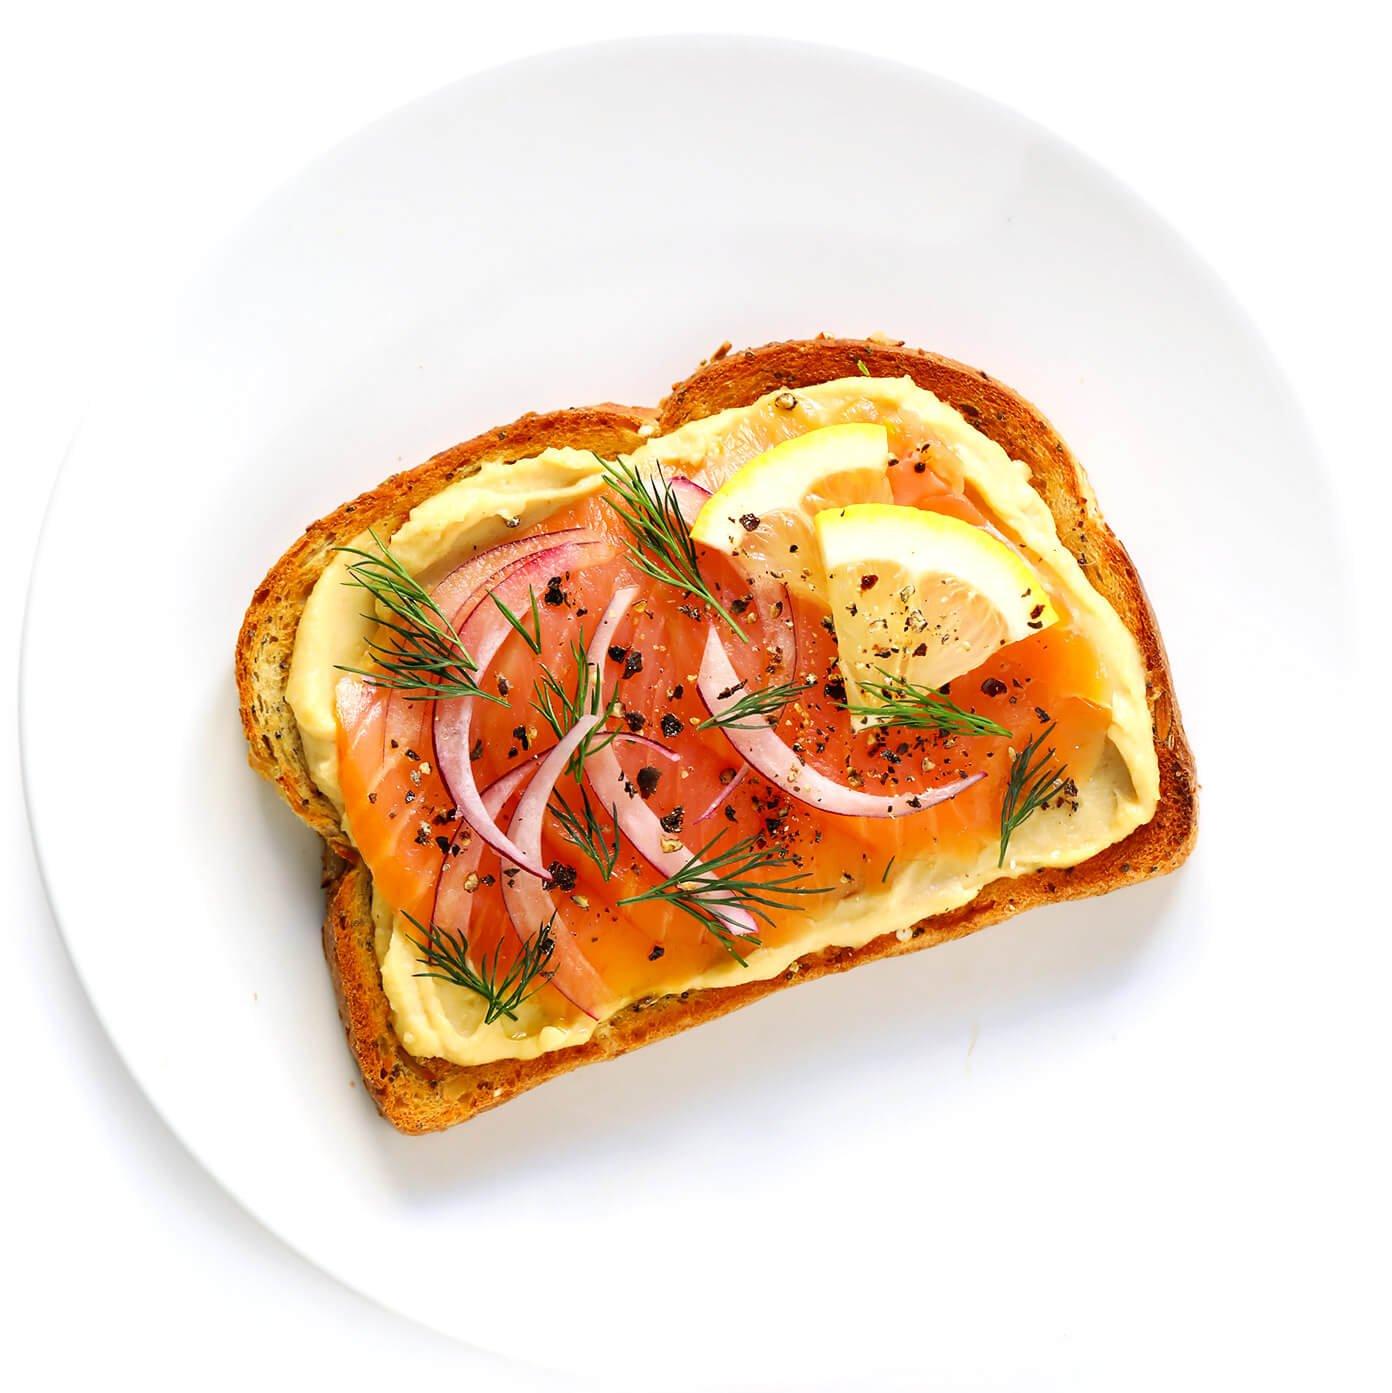 Smoked Salmon (Lox) Hummus Toast